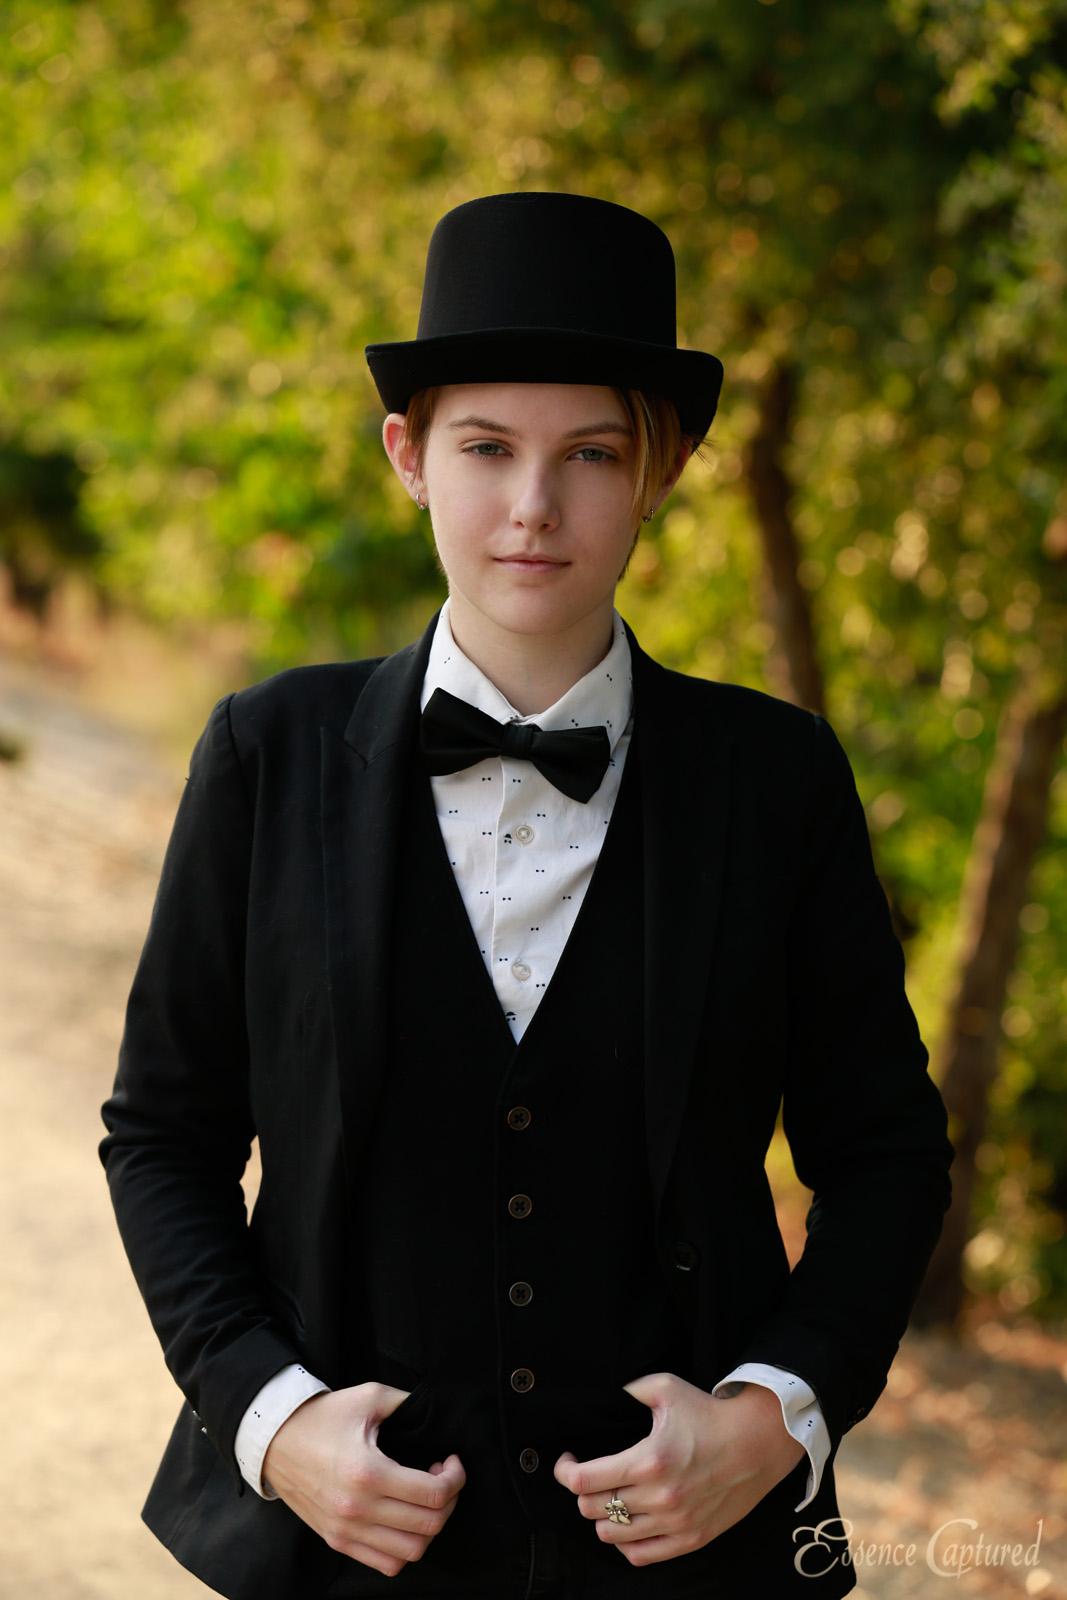 senior portrait female suit vest jacket bow tie top hat